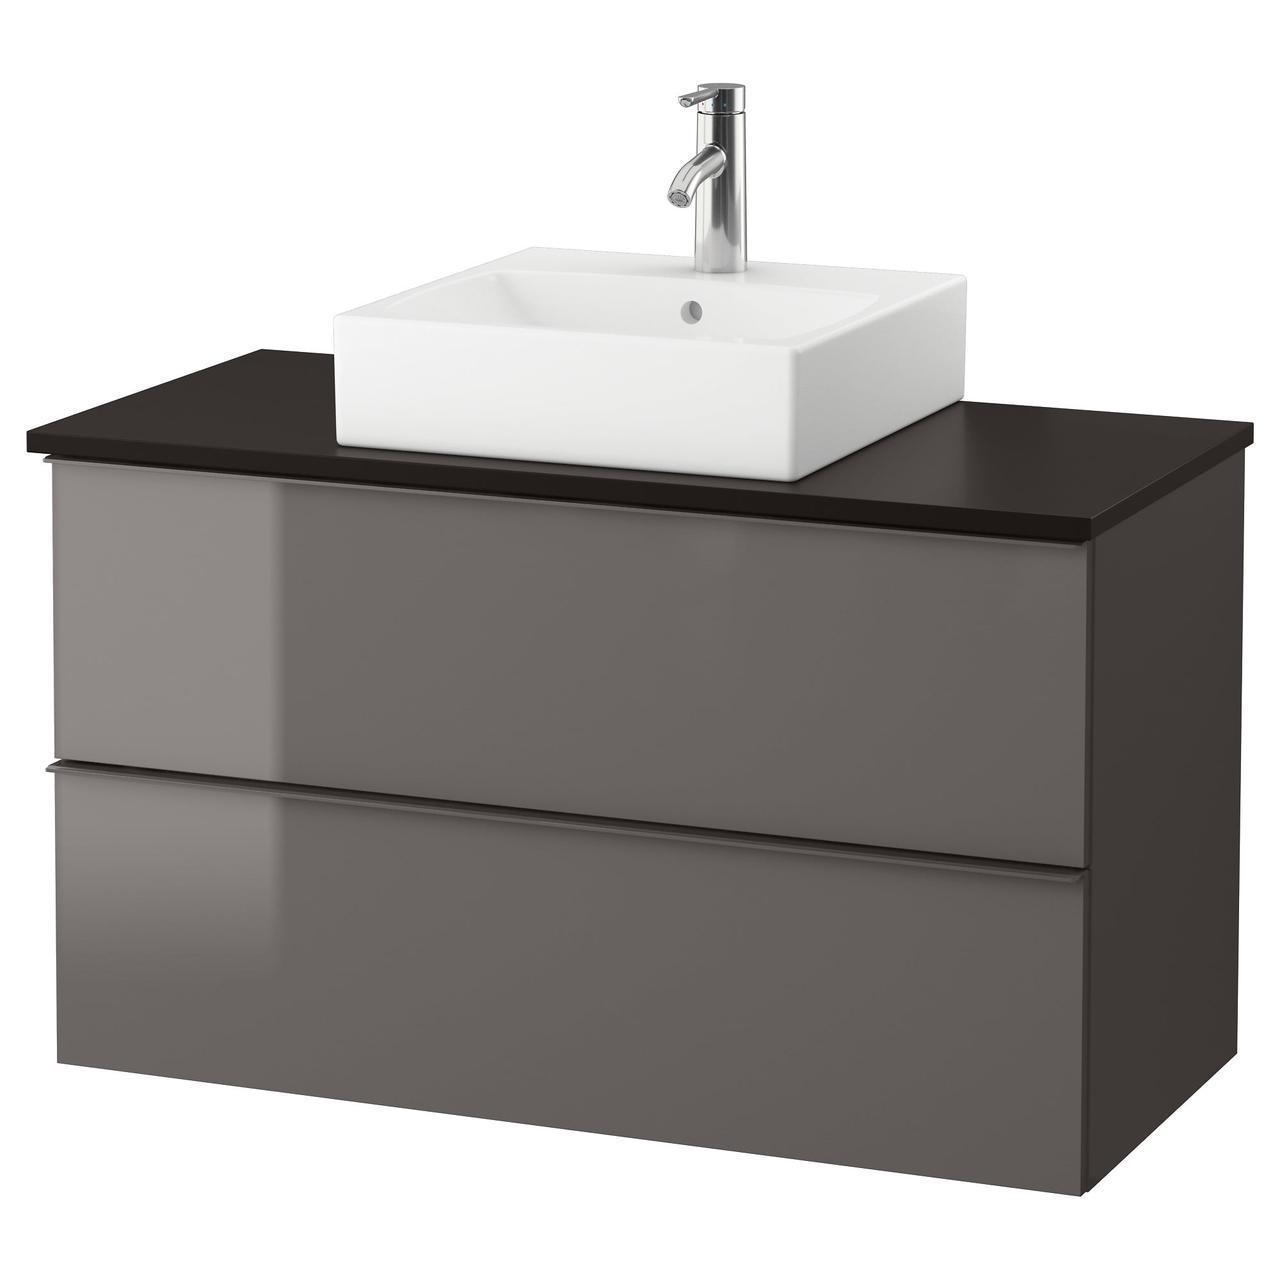 IKEA GODMORGON/TOLKEN/TORNVIKEN Шкаф под умывальник с раковиной 45 см, глянцевый серый, антрацит  (391.857.38)